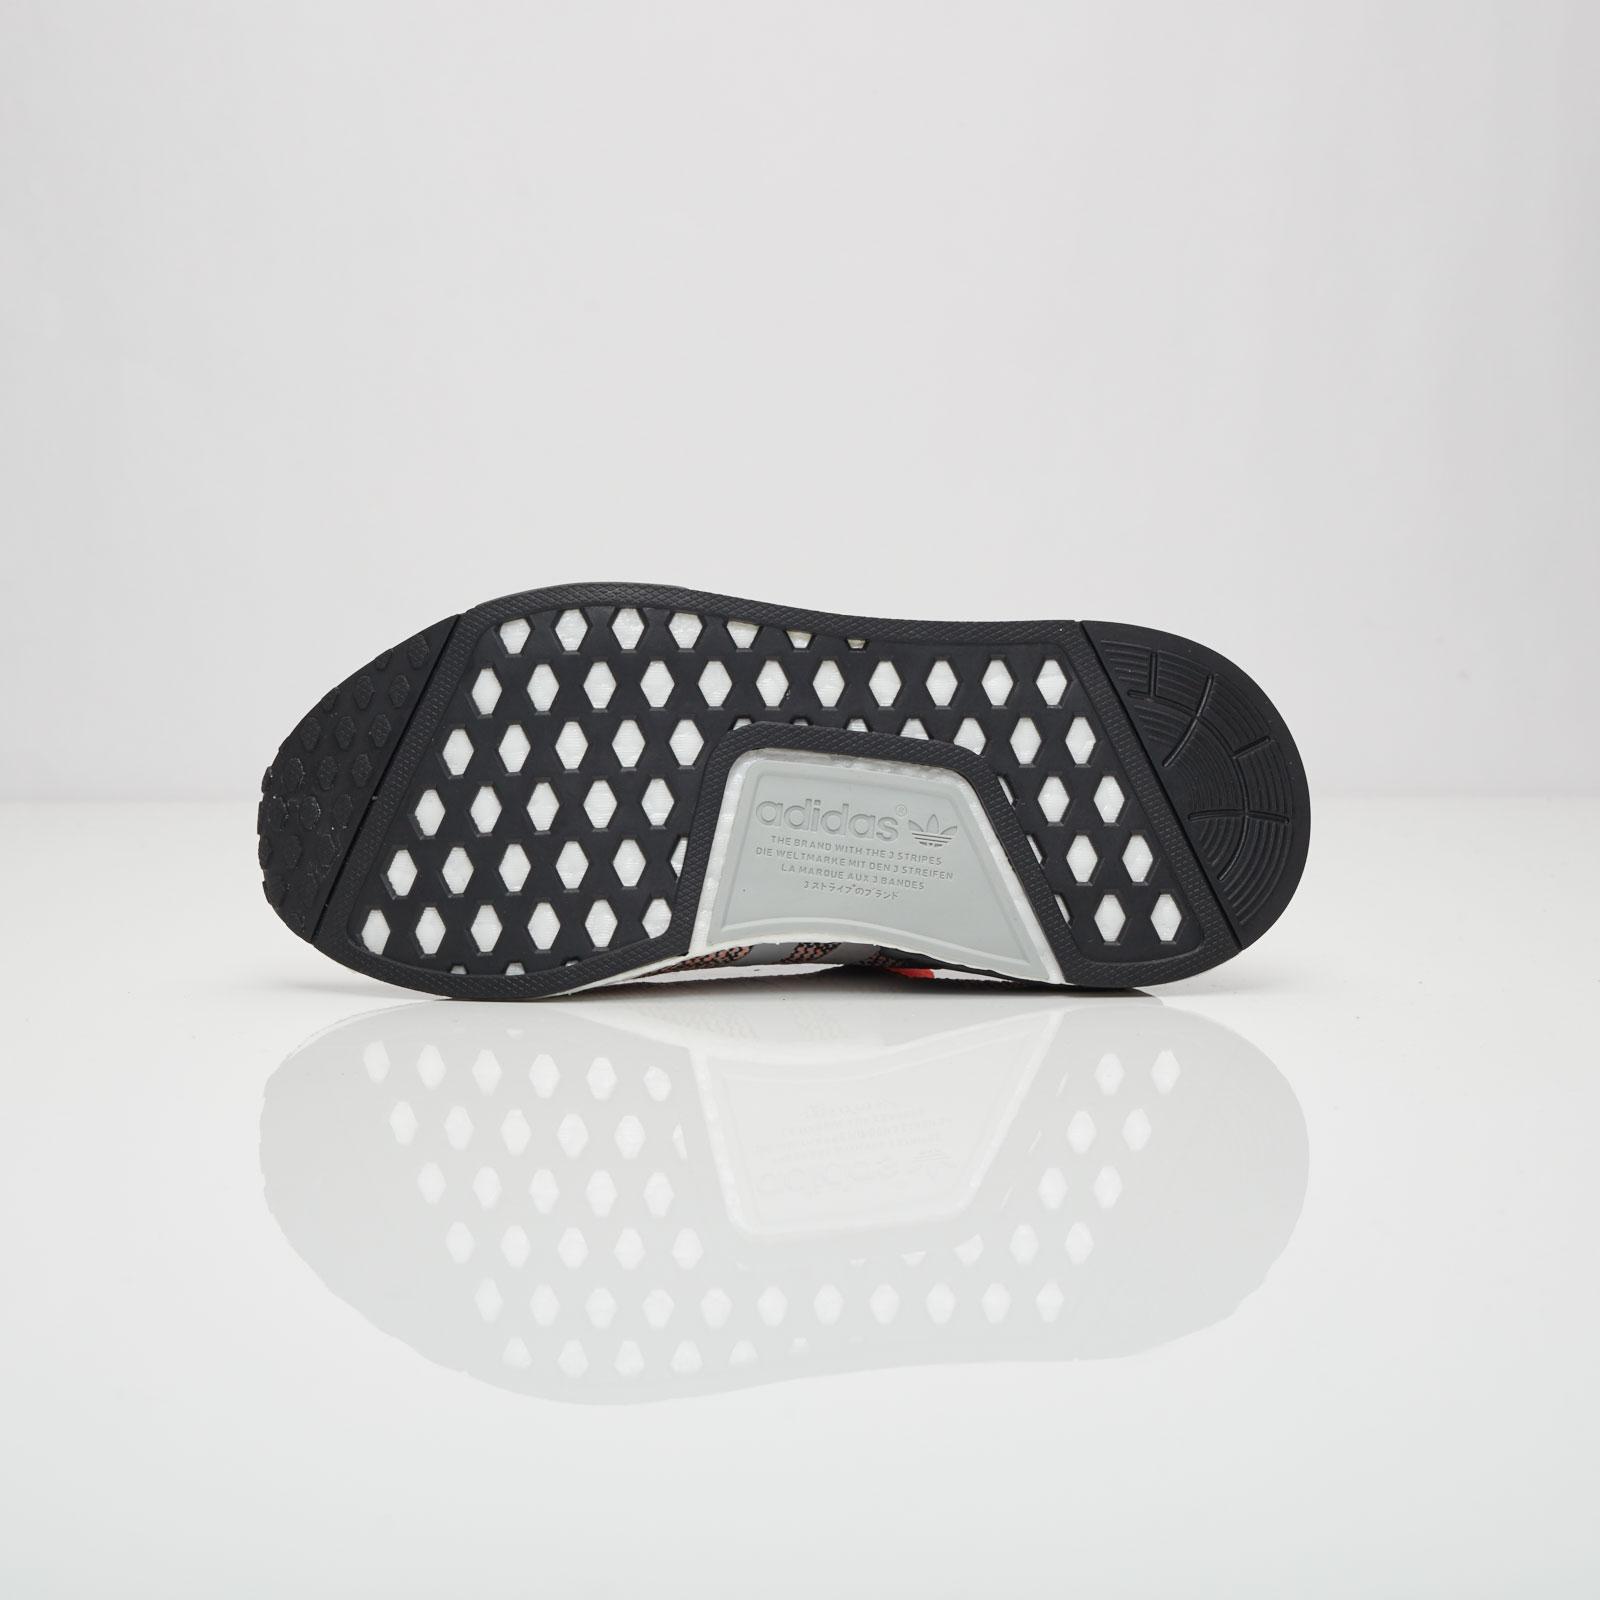 b20f0e393 adidas NMD R1 W PK - Bb2361 - Sneakersnstuff